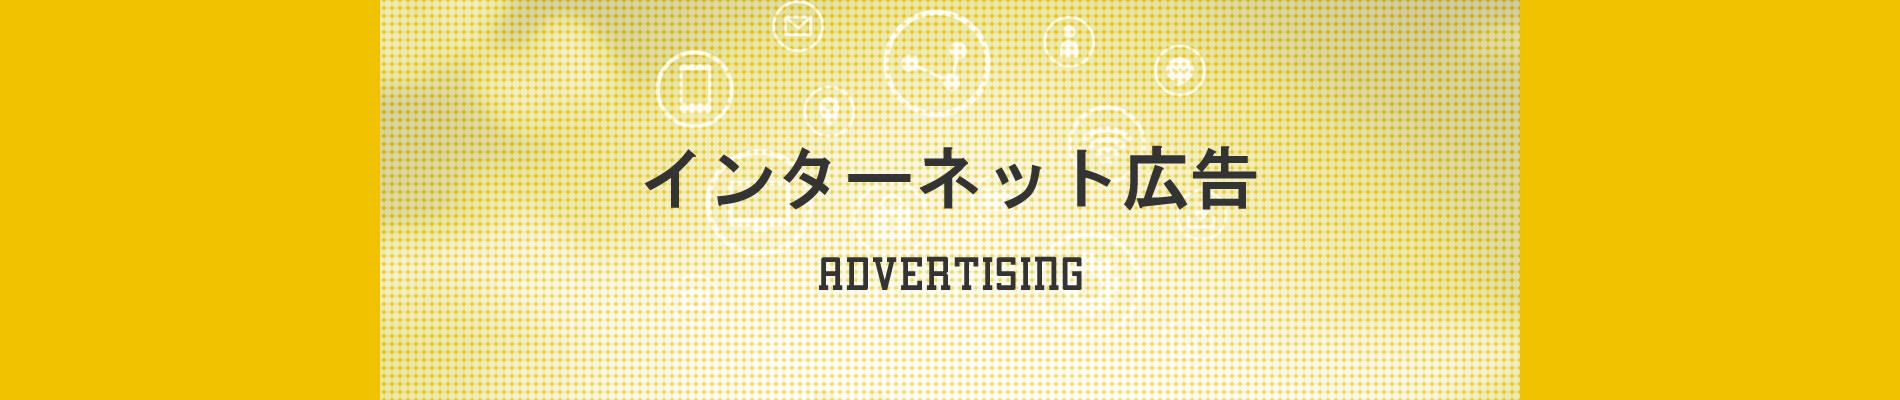 インターネット広告